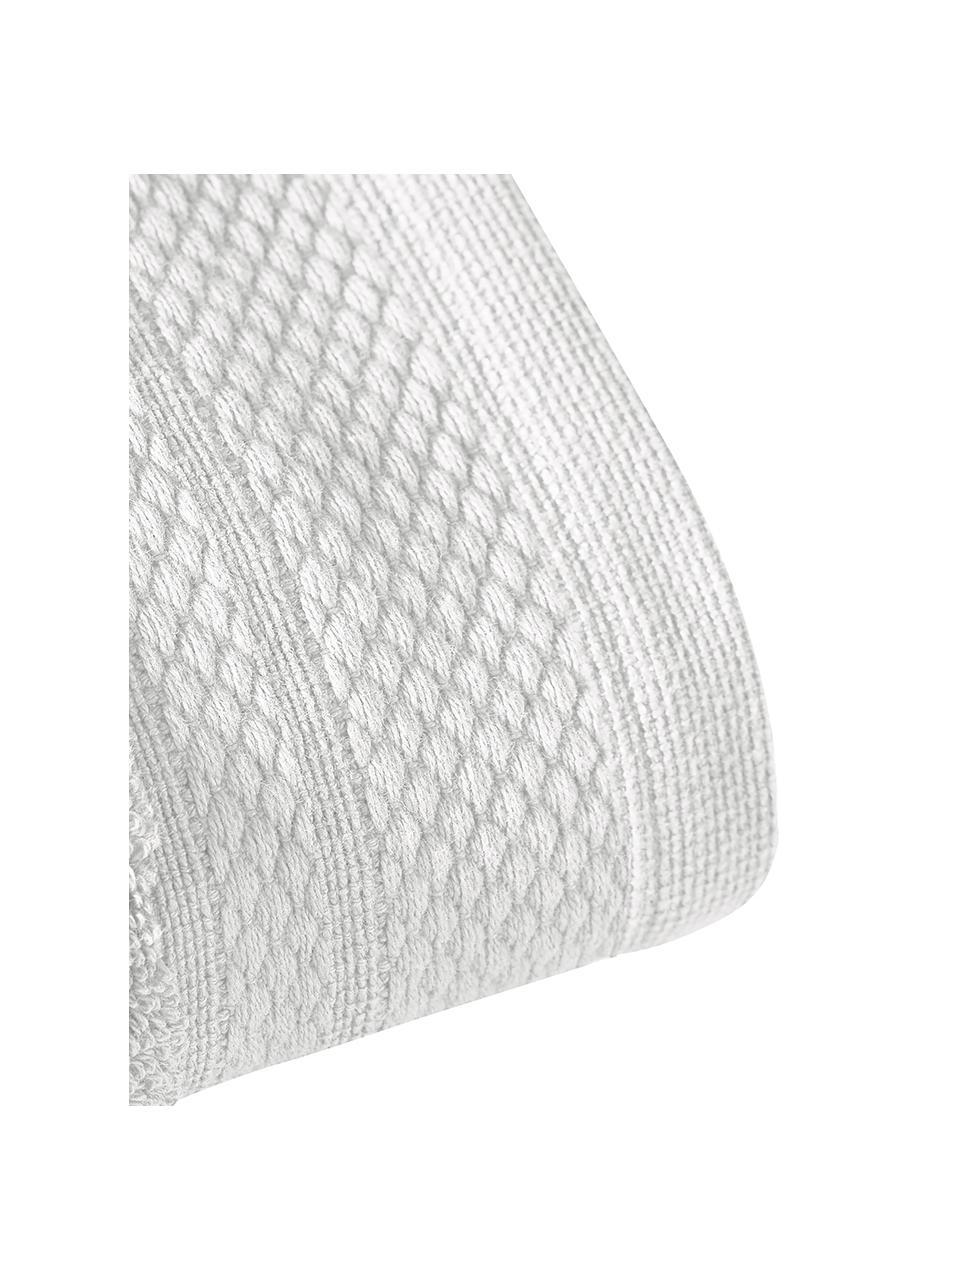 Handtuch-Set Premium mit klassischer Zierbordüre, 3-tlg., Hellgrau, Set mit verschiedenen Größen